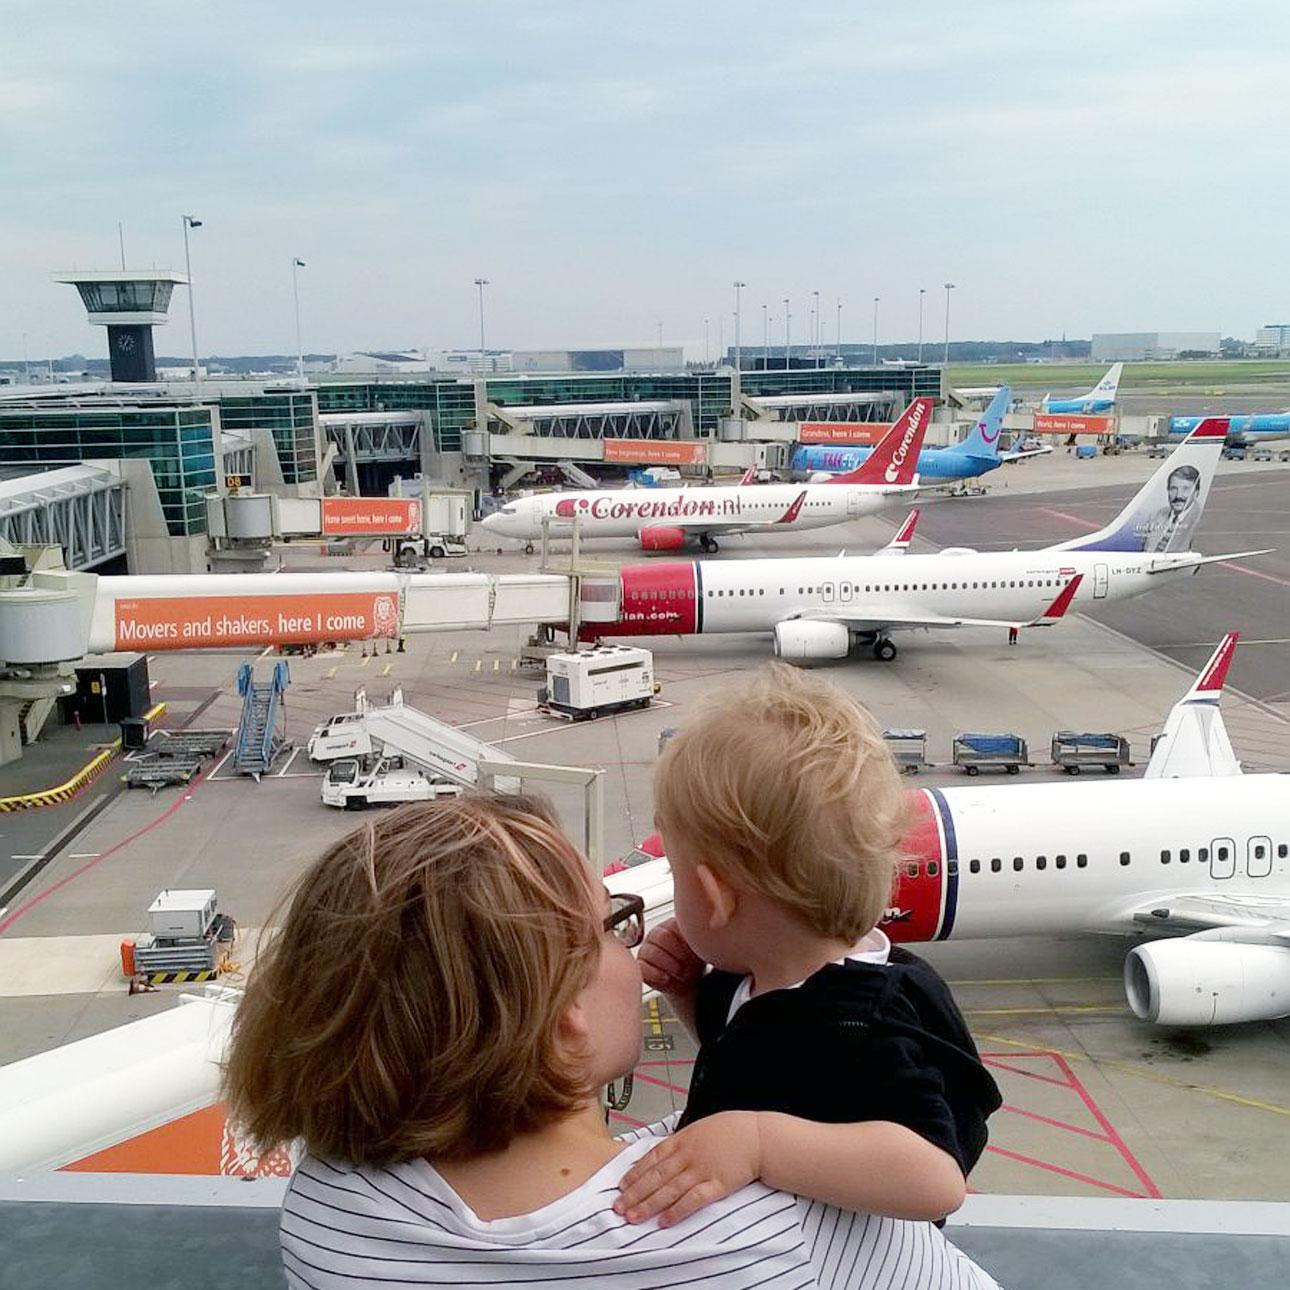 Mamalifestyle Marike augustus 2015 vliegtuigen spotten